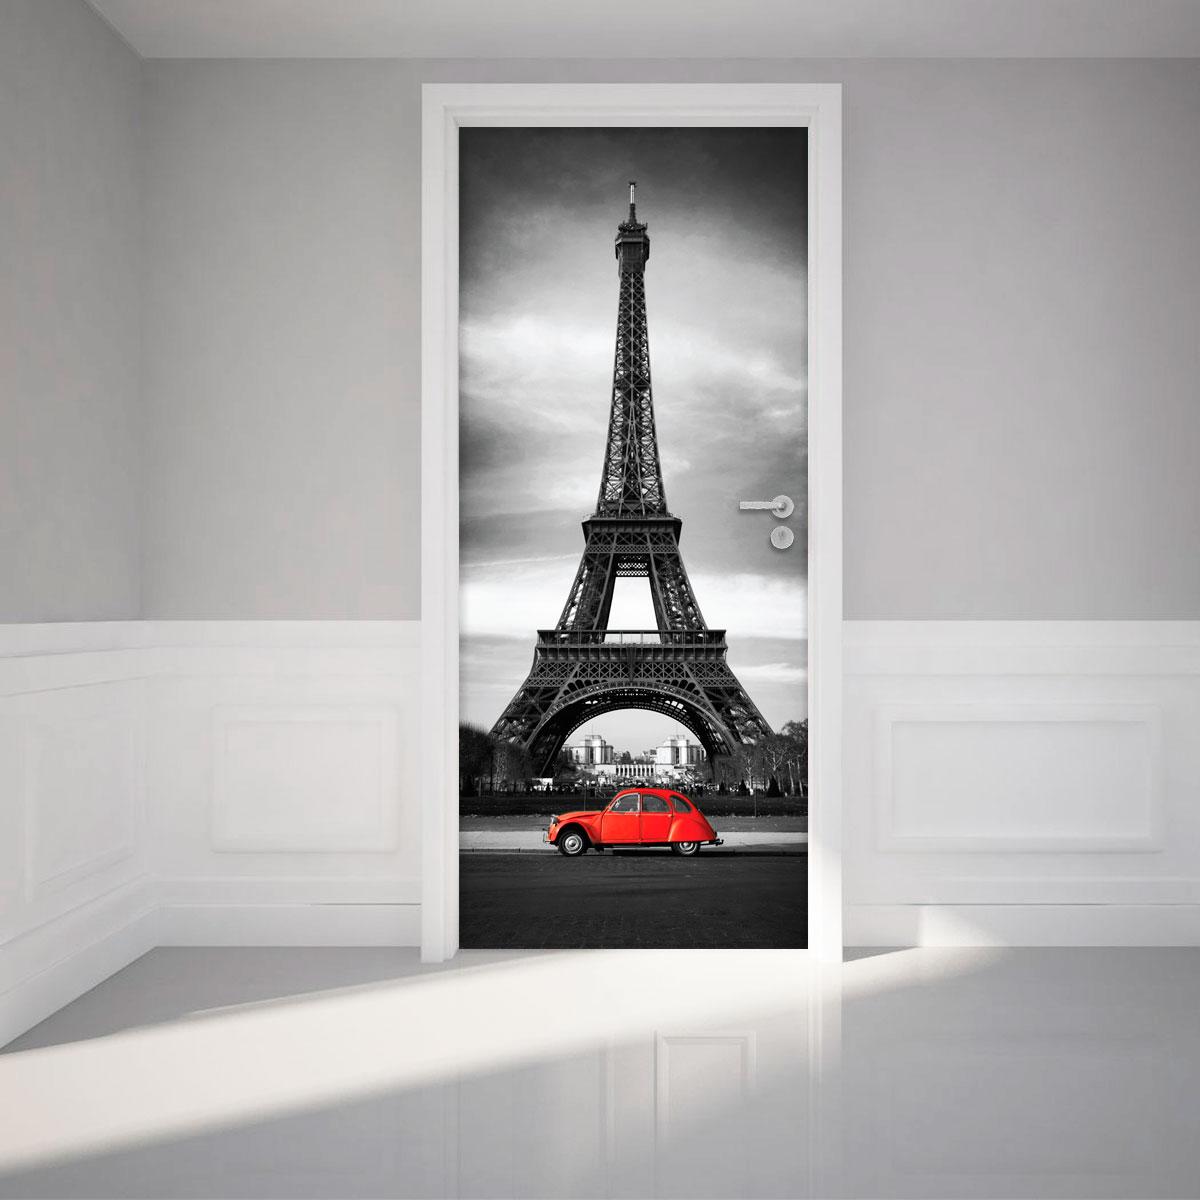 sticker porte 204 x 83 cm tour eiffel stickers villes et voyages paris ambiance sticker. Black Bedroom Furniture Sets. Home Design Ideas